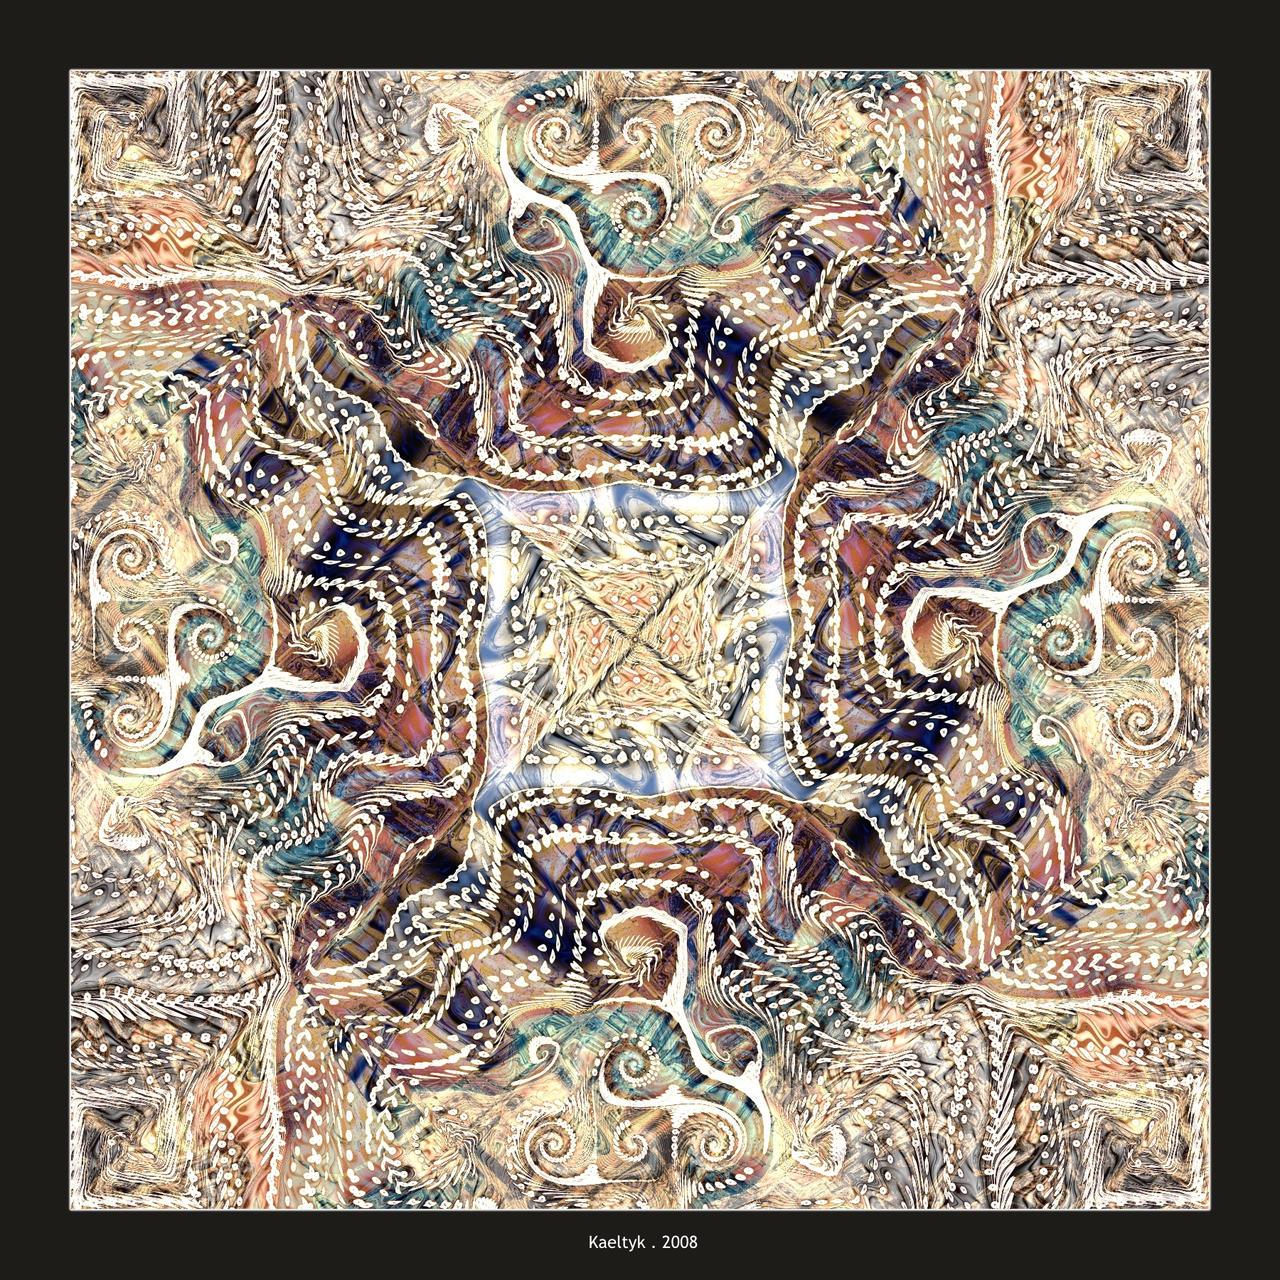 Mayan Cross by Kaeltyk on DeviantArt